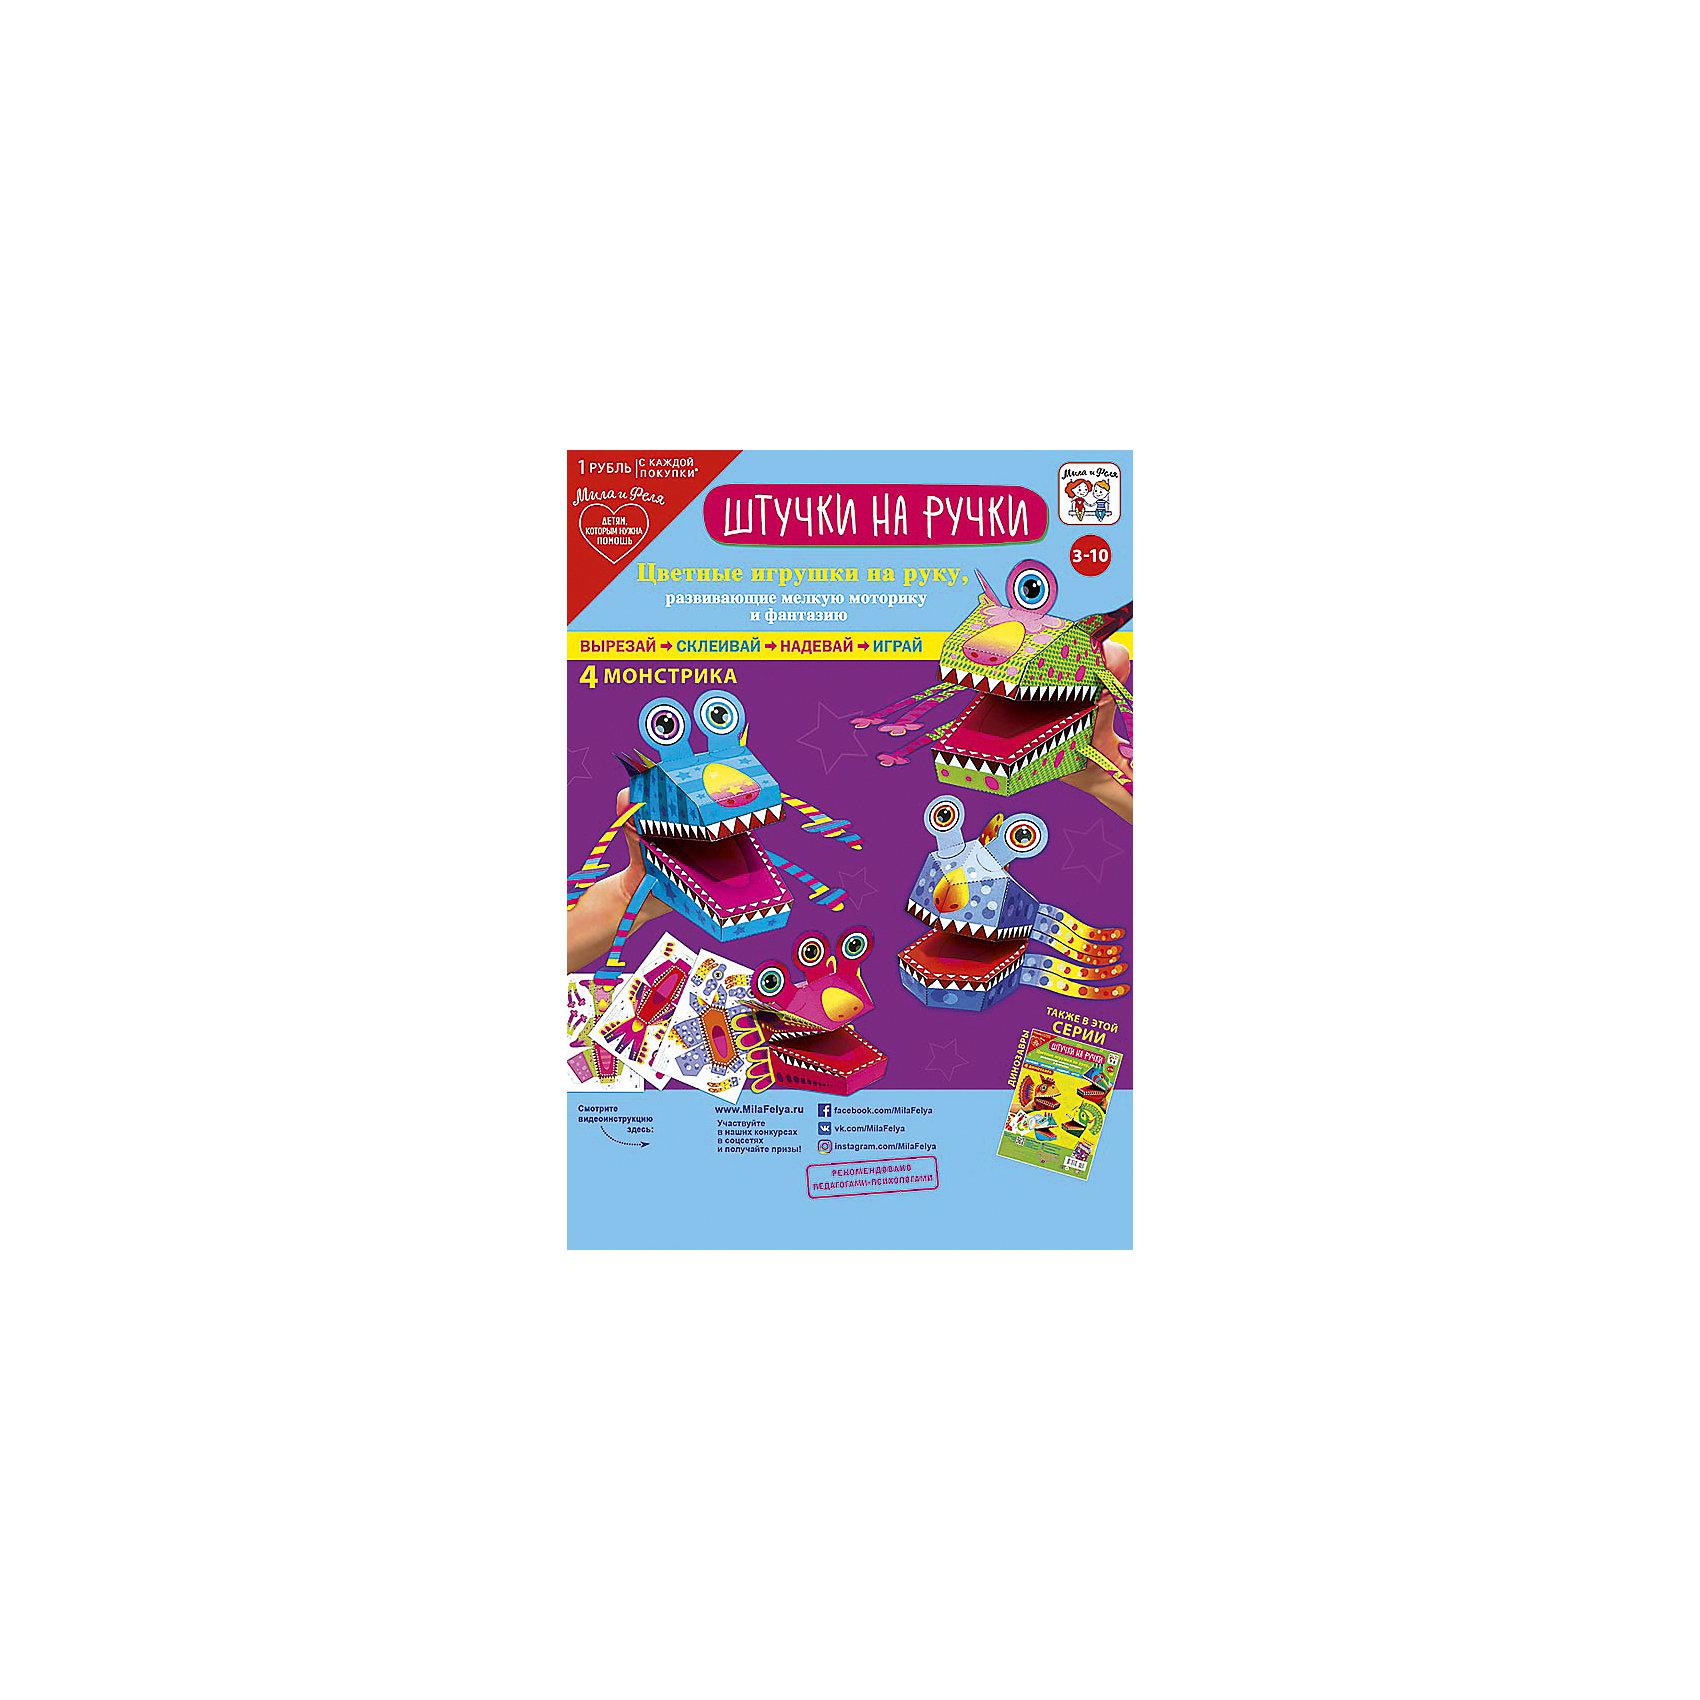 Набор игровой для творчества Мила и Феля - Штучки на ручки - 4 монстрикаБумага<br>Мила и Феля - это товары для детского и семейного творчества и игры. Они созданы для детей от 3 до 10 лет. Все продукты бренда позволяют ребятам фантазировать, творить, создавать, а родителям - познавать внутренний мир своего ребенка через игру. Штучки на ручки - это набор из 4-х бумажных игрушек, которые ребенок сам вырезает и склеивает по простой и понятной схеме. Готовые игрушки надеваются на руки и открывают простор для воображения и игры в ручной театр.  Для работы вам потребуется: ножницы, клей и хорошее настроение.<br><br>Ширина мм: 210<br>Глубина мм: 297<br>Высота мм: 2<br>Вес г: 36<br>Возраст от месяцев: 36<br>Возраст до месяцев: 2147483647<br>Пол: Унисекс<br>Возраст: Детский<br>SKU: 7127552